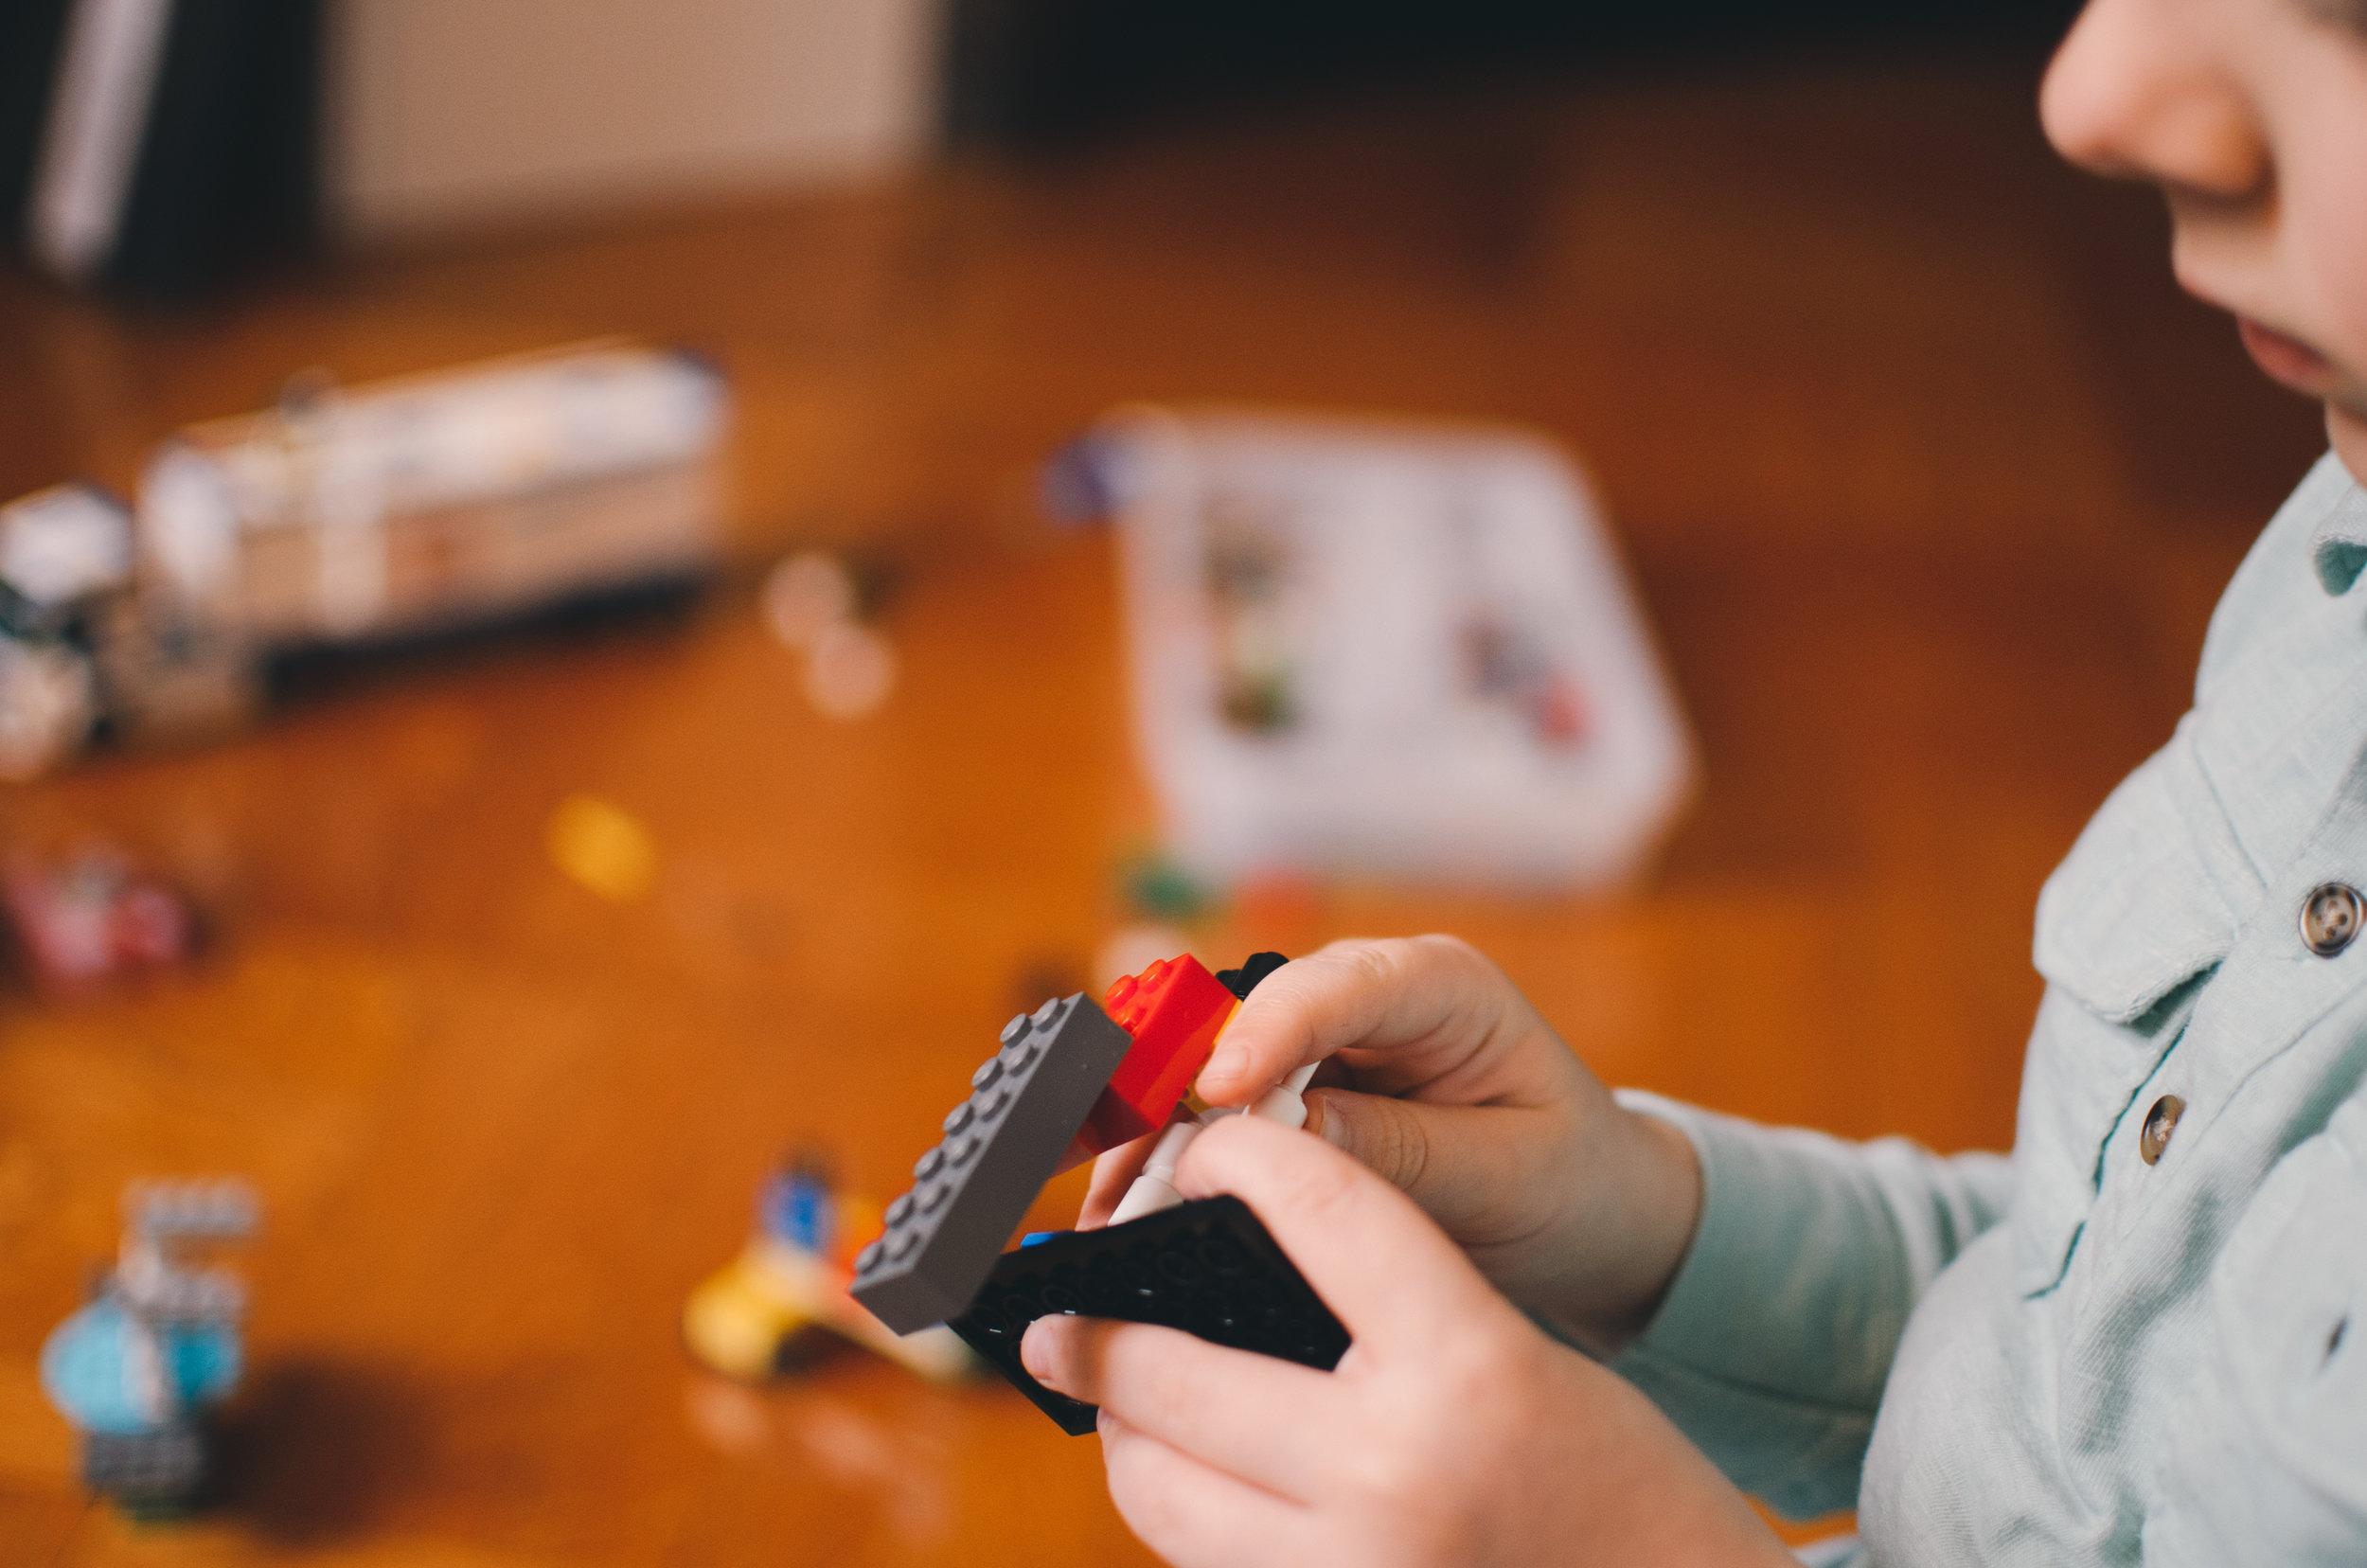 ASD Focus on toys.jpg